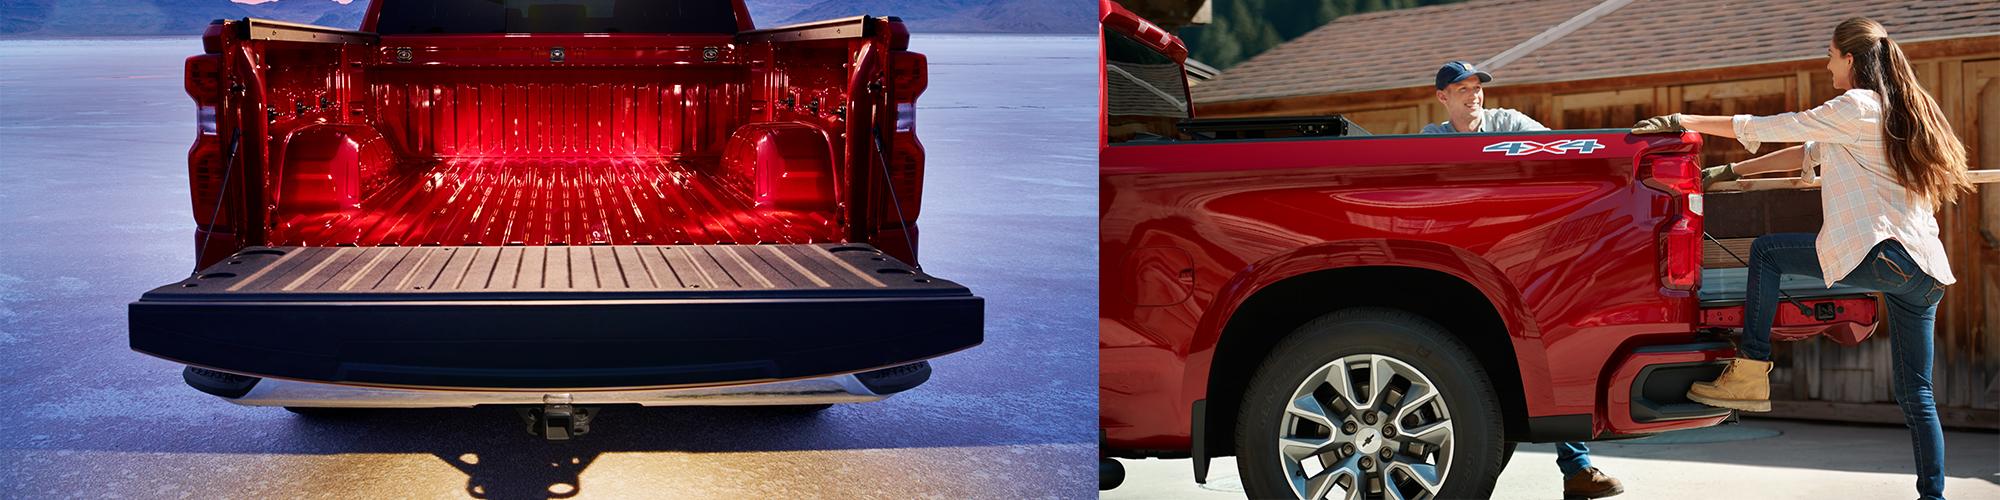 2020 Chevrolet Silverado Towing Capacity